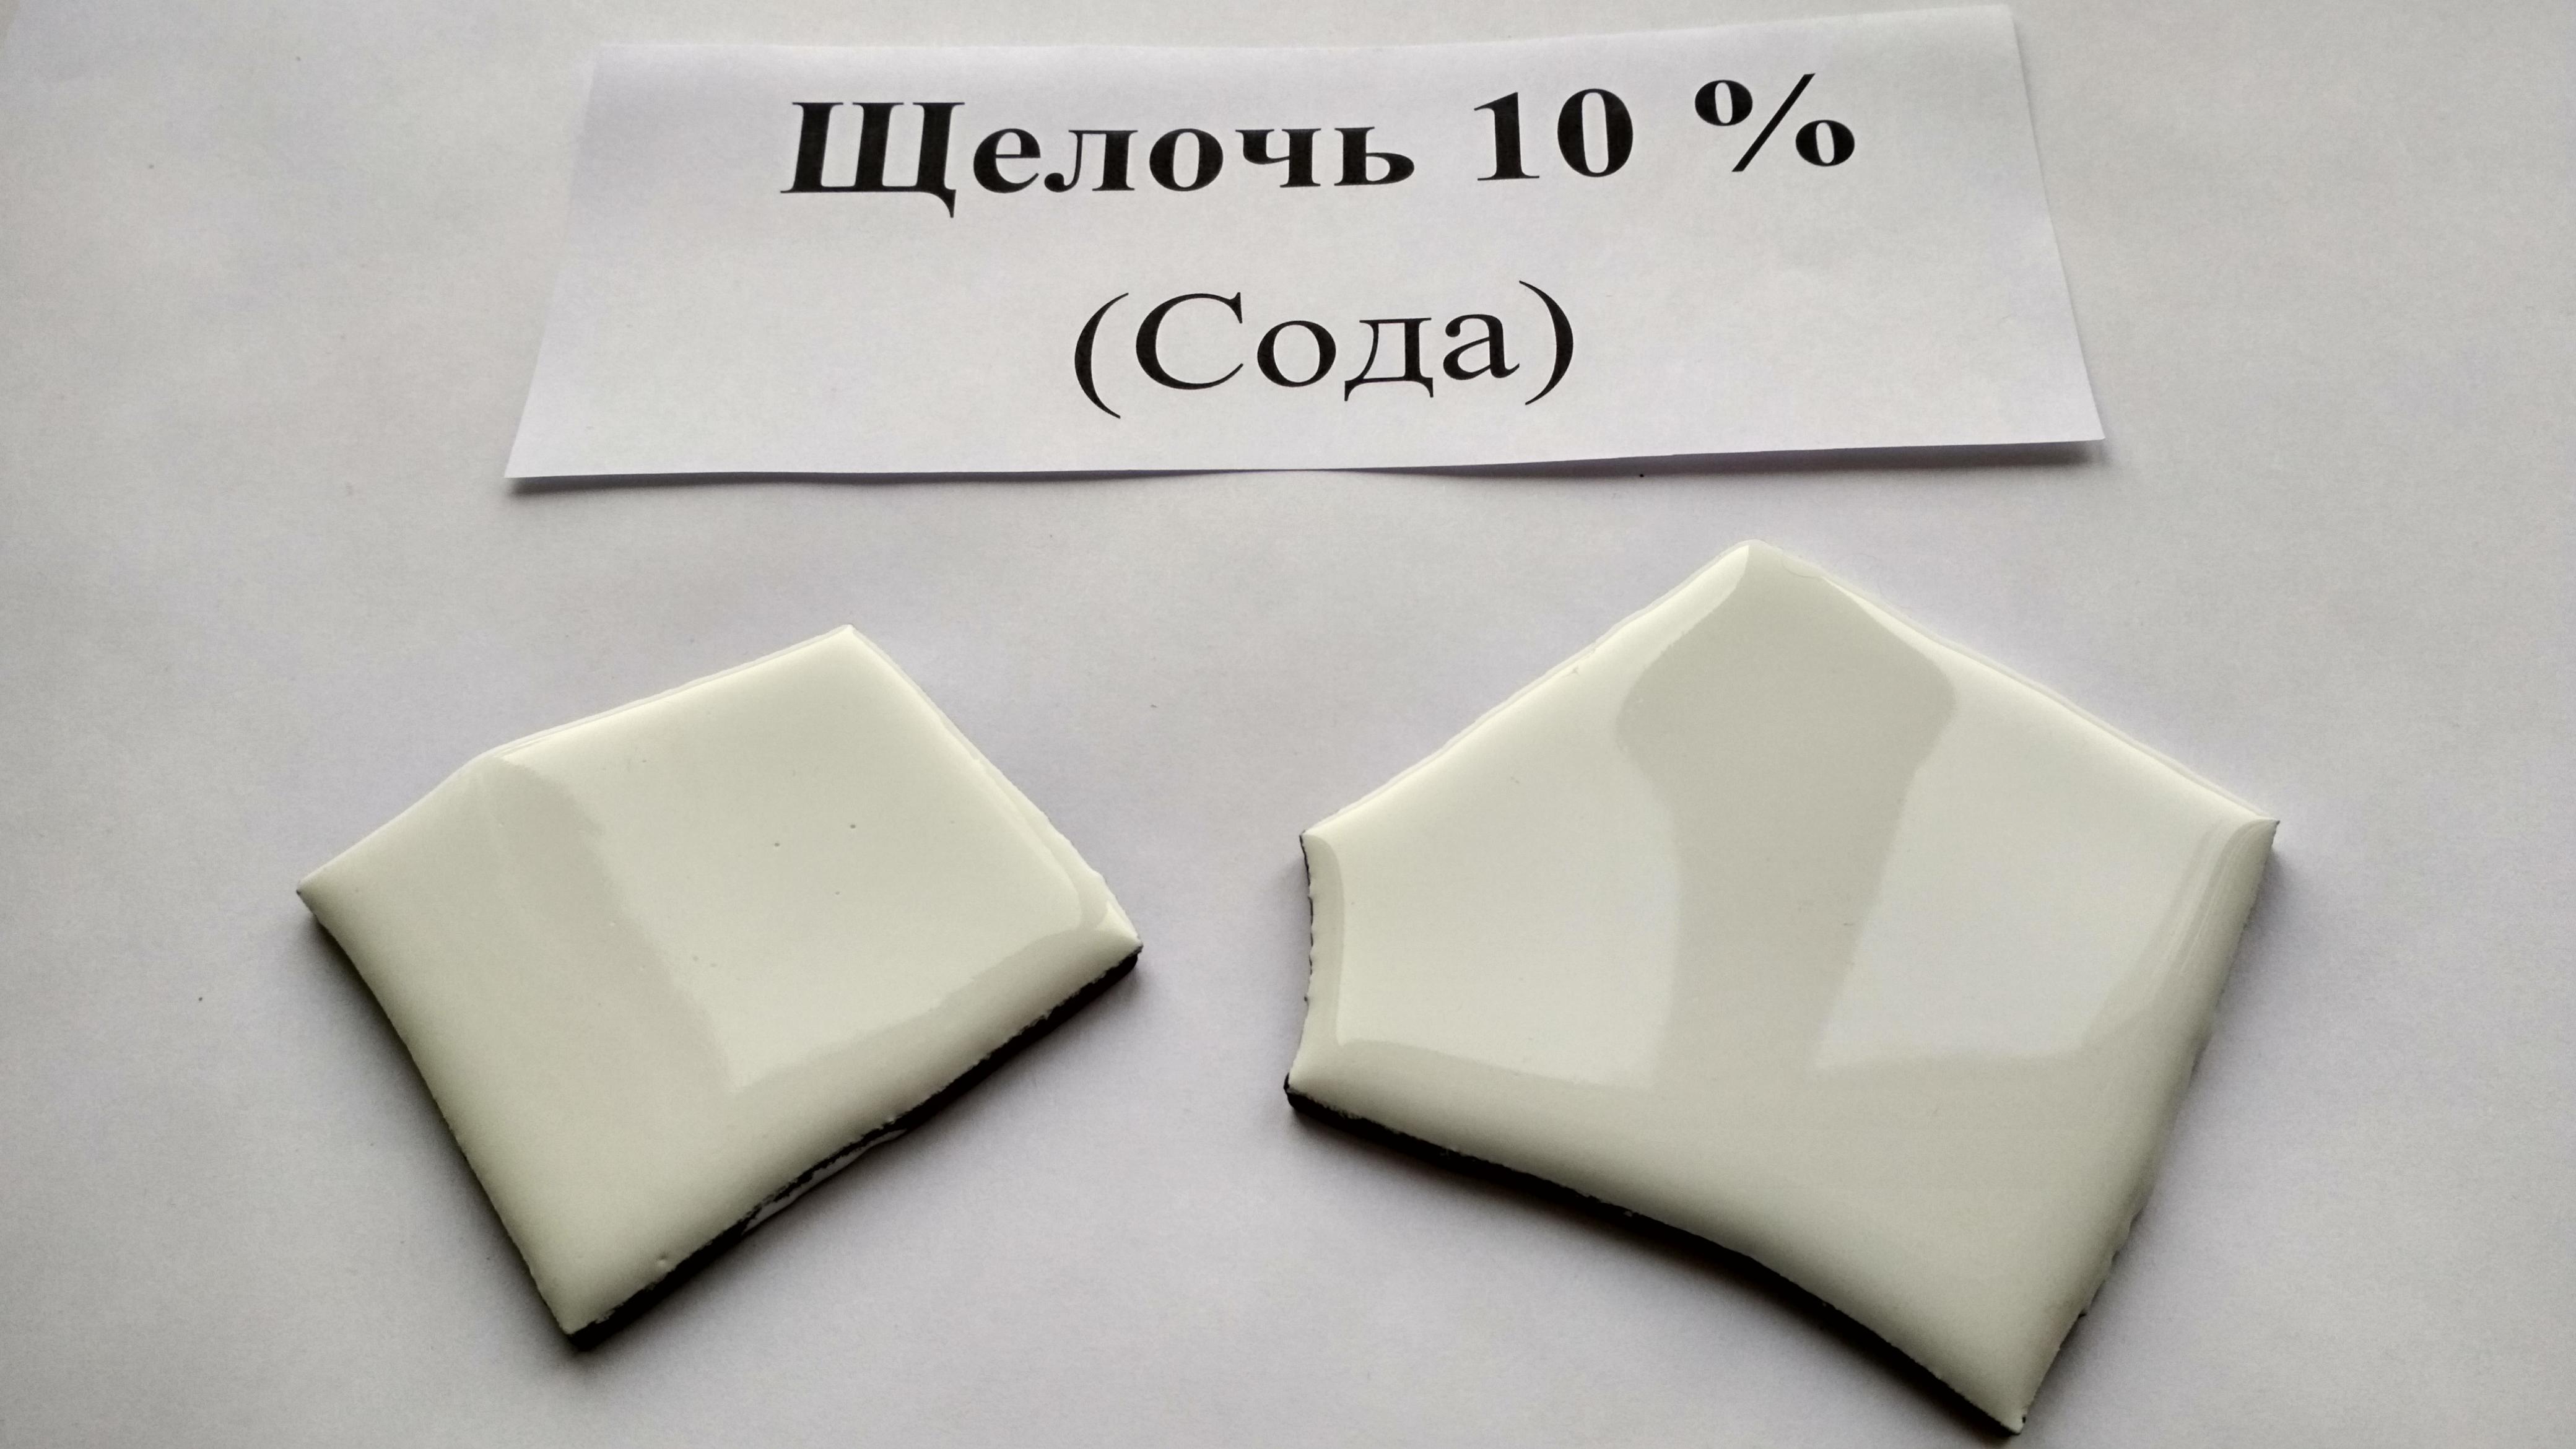 Чугунные пластинки после воздействия 10 % щелочи в течение 24 часов